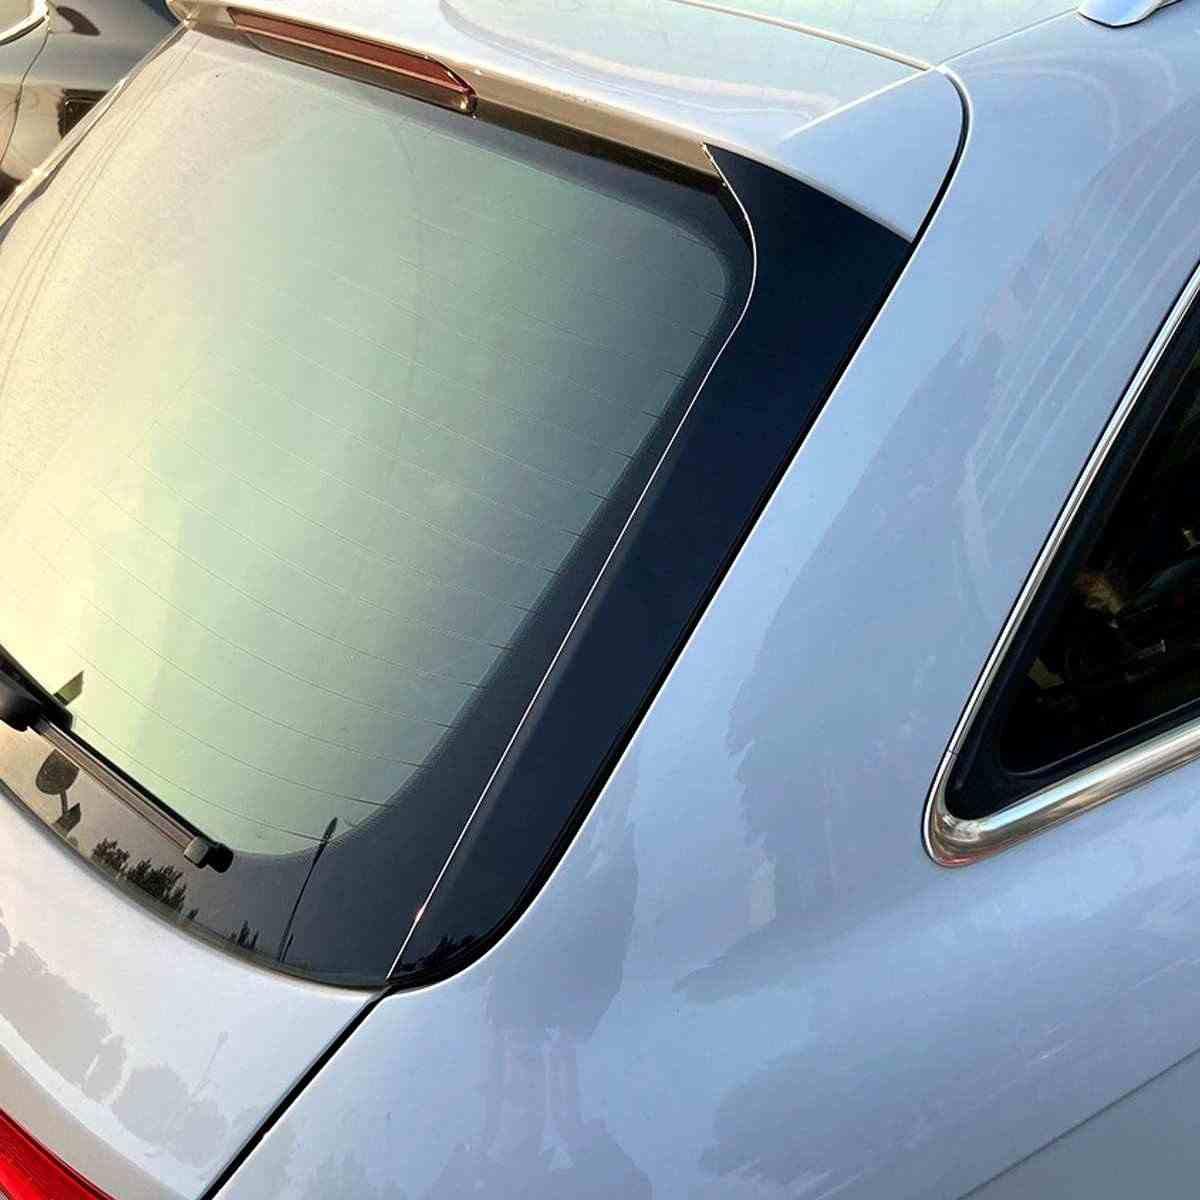 YXYNB Spoiler Nero Lucido per Lunotto Posteriore Spoiler Laterale Ad Ala Misura per Audi A4 B8 Allroad Avant 2009 2010 2011 2012-2016 Accessori per Lo Styling Auto Strisce per Spoiler per Labbra